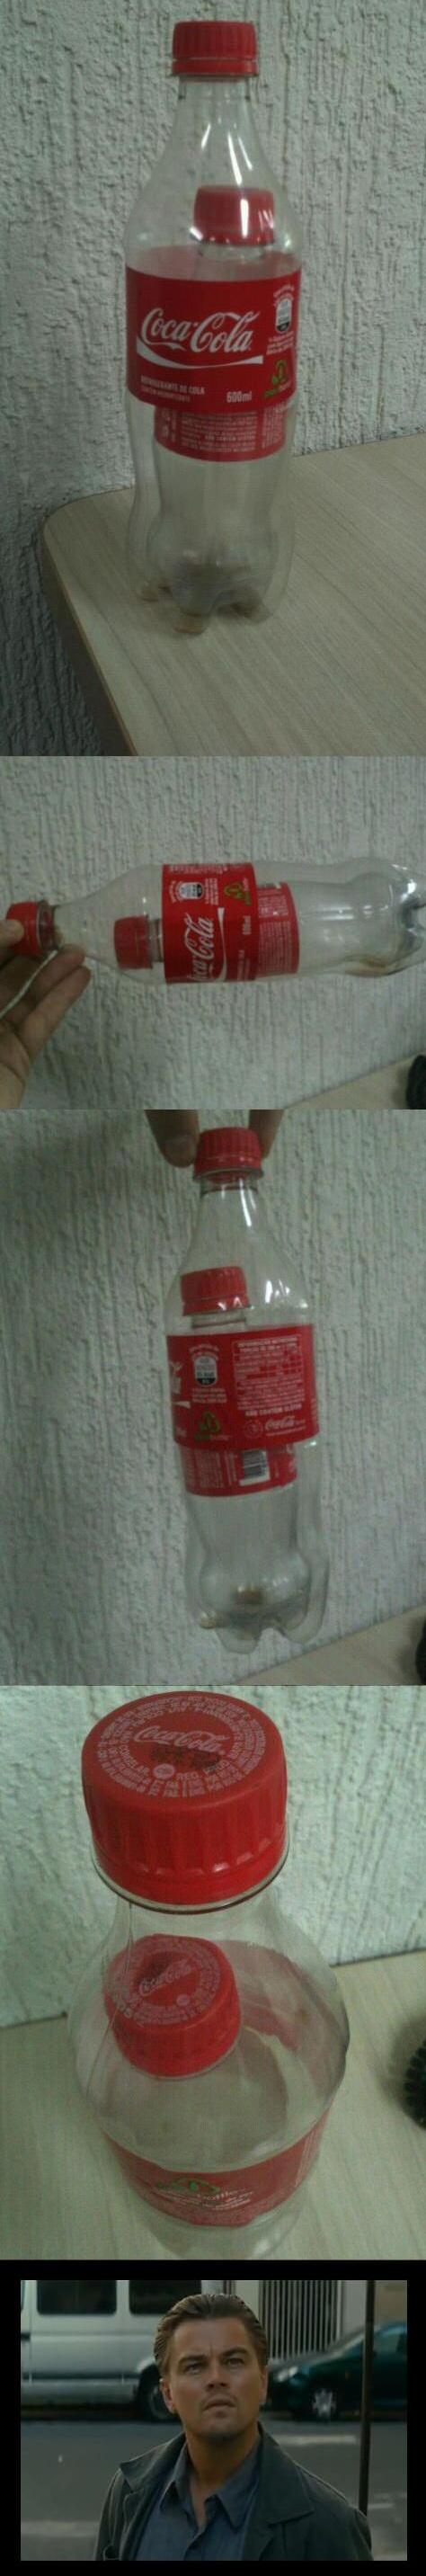 Cokeception